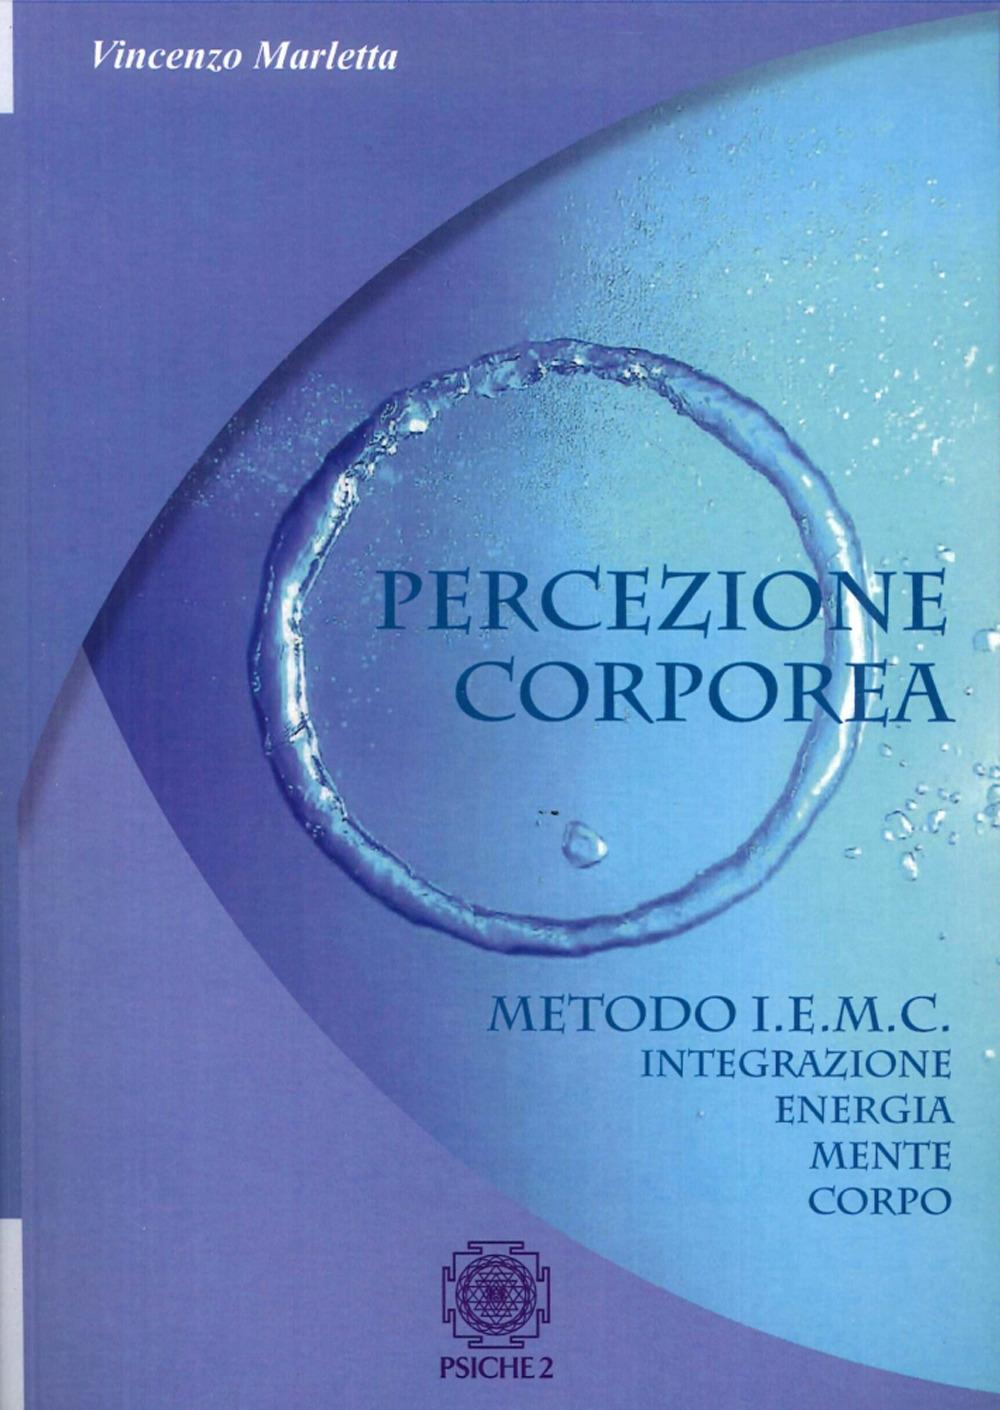 Percezione Corporea. Metodo I.E.M.C. Integrazione Energia Mente Corpo.